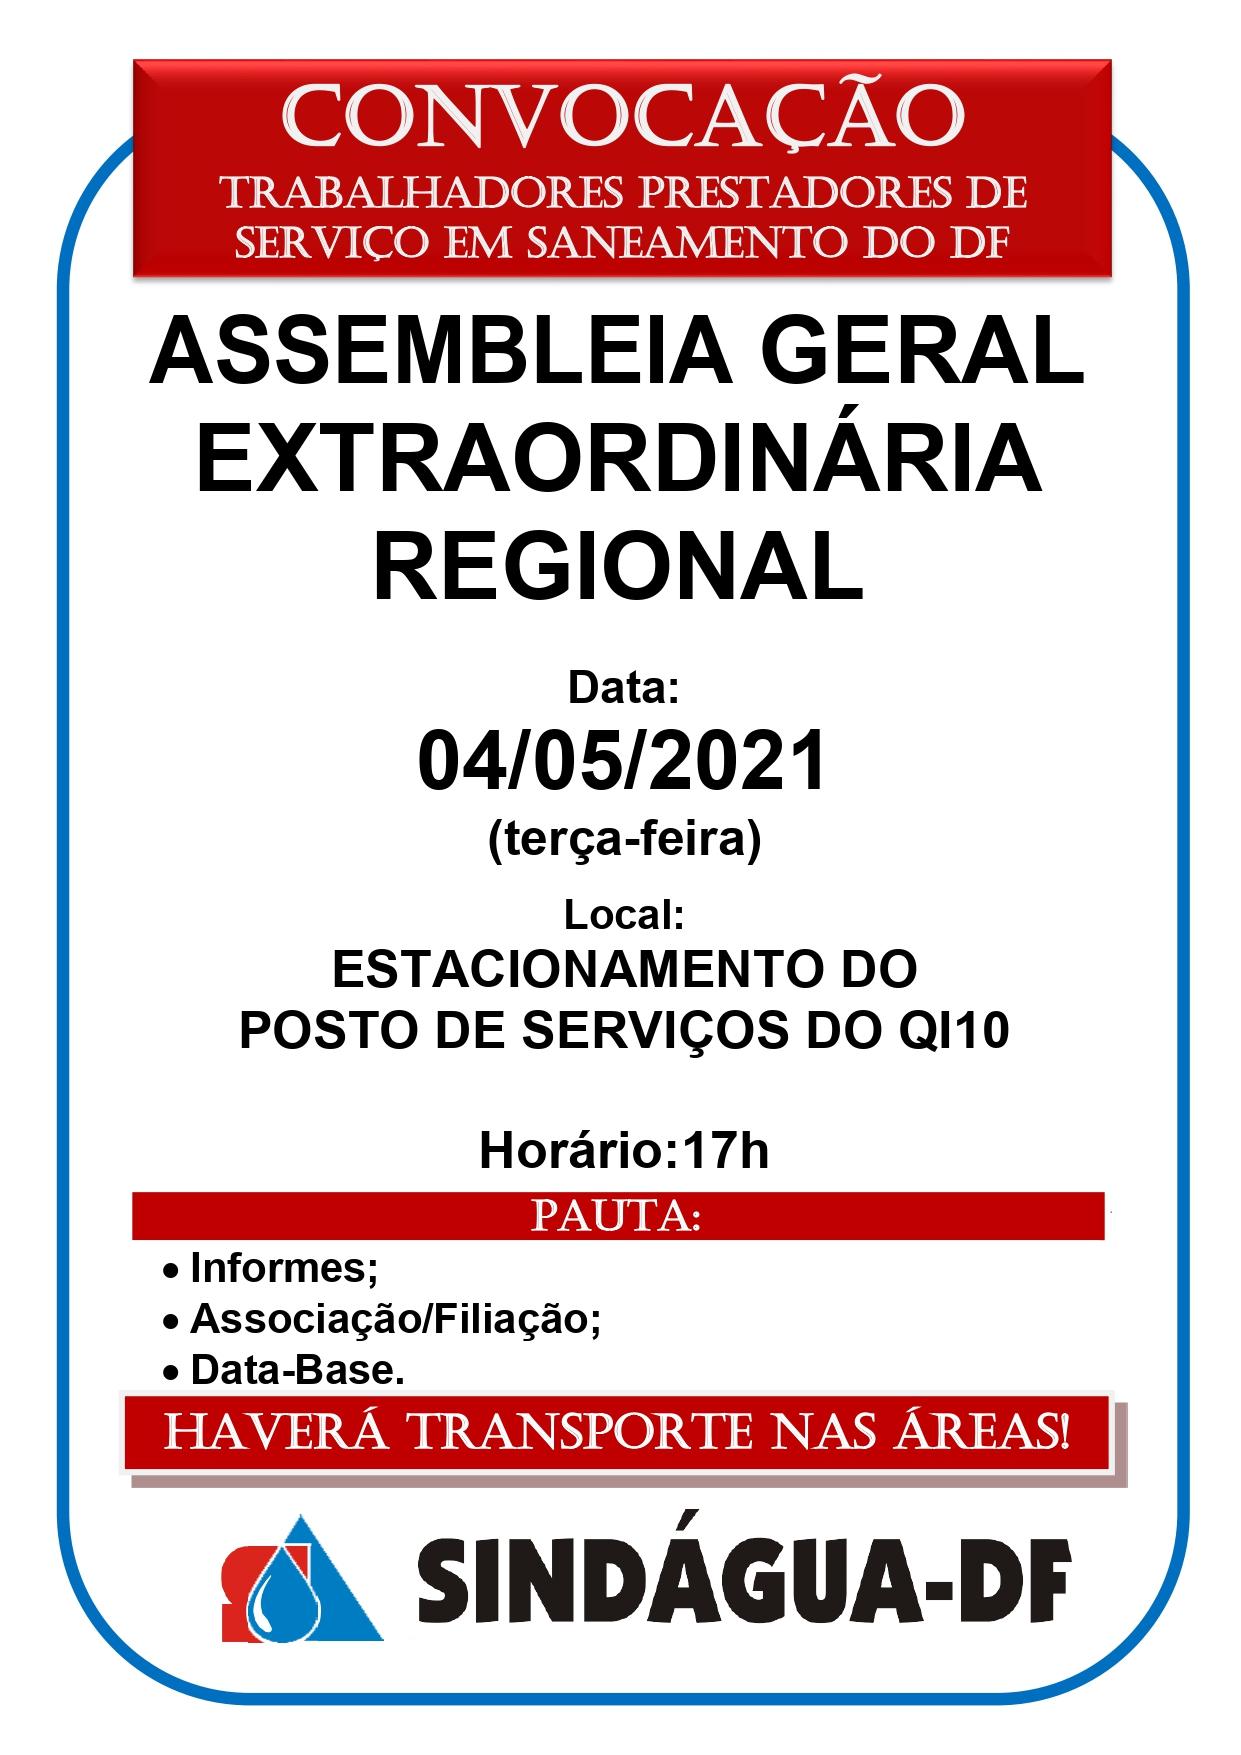 ASSEMBLEIA GERAL EXTRAORDINÁRIA REGIONAL DIA 04/5 (REGIÃO OESTE)